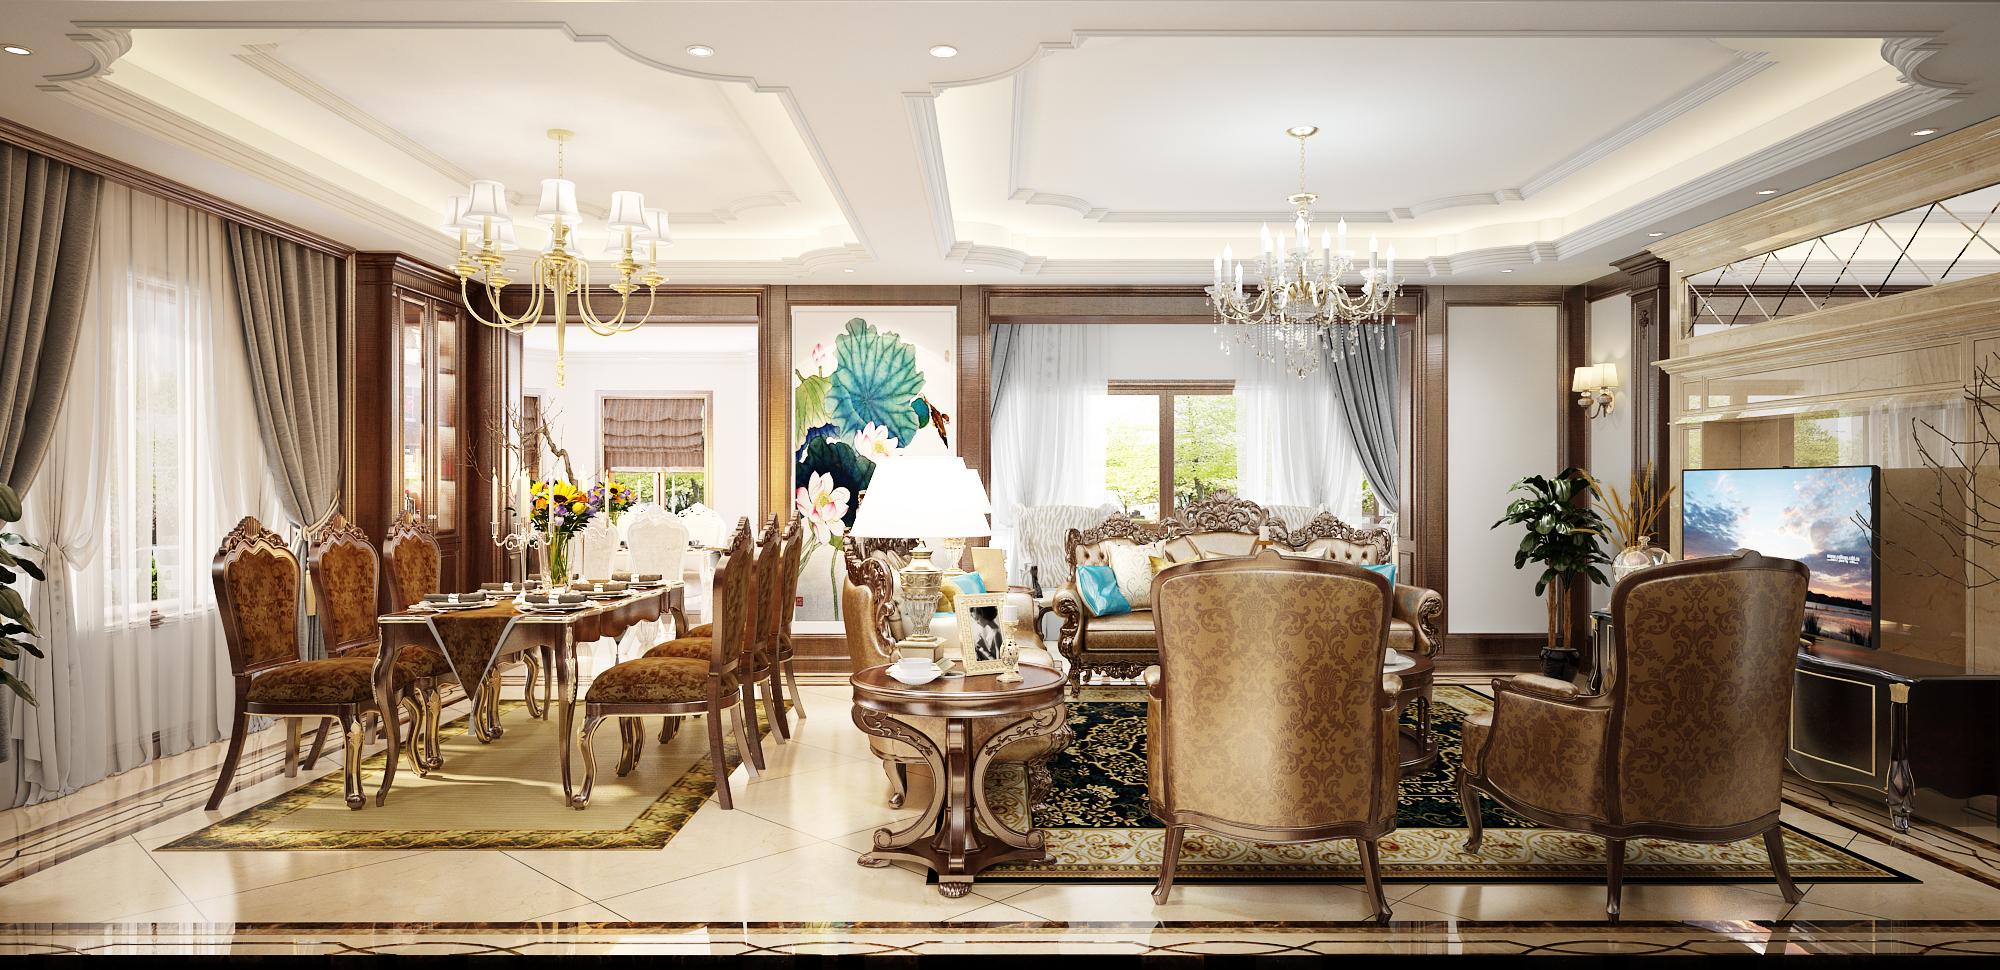 thiết kế nội thất Biệt Thự tại Hà Nội Saola 4 1562643323